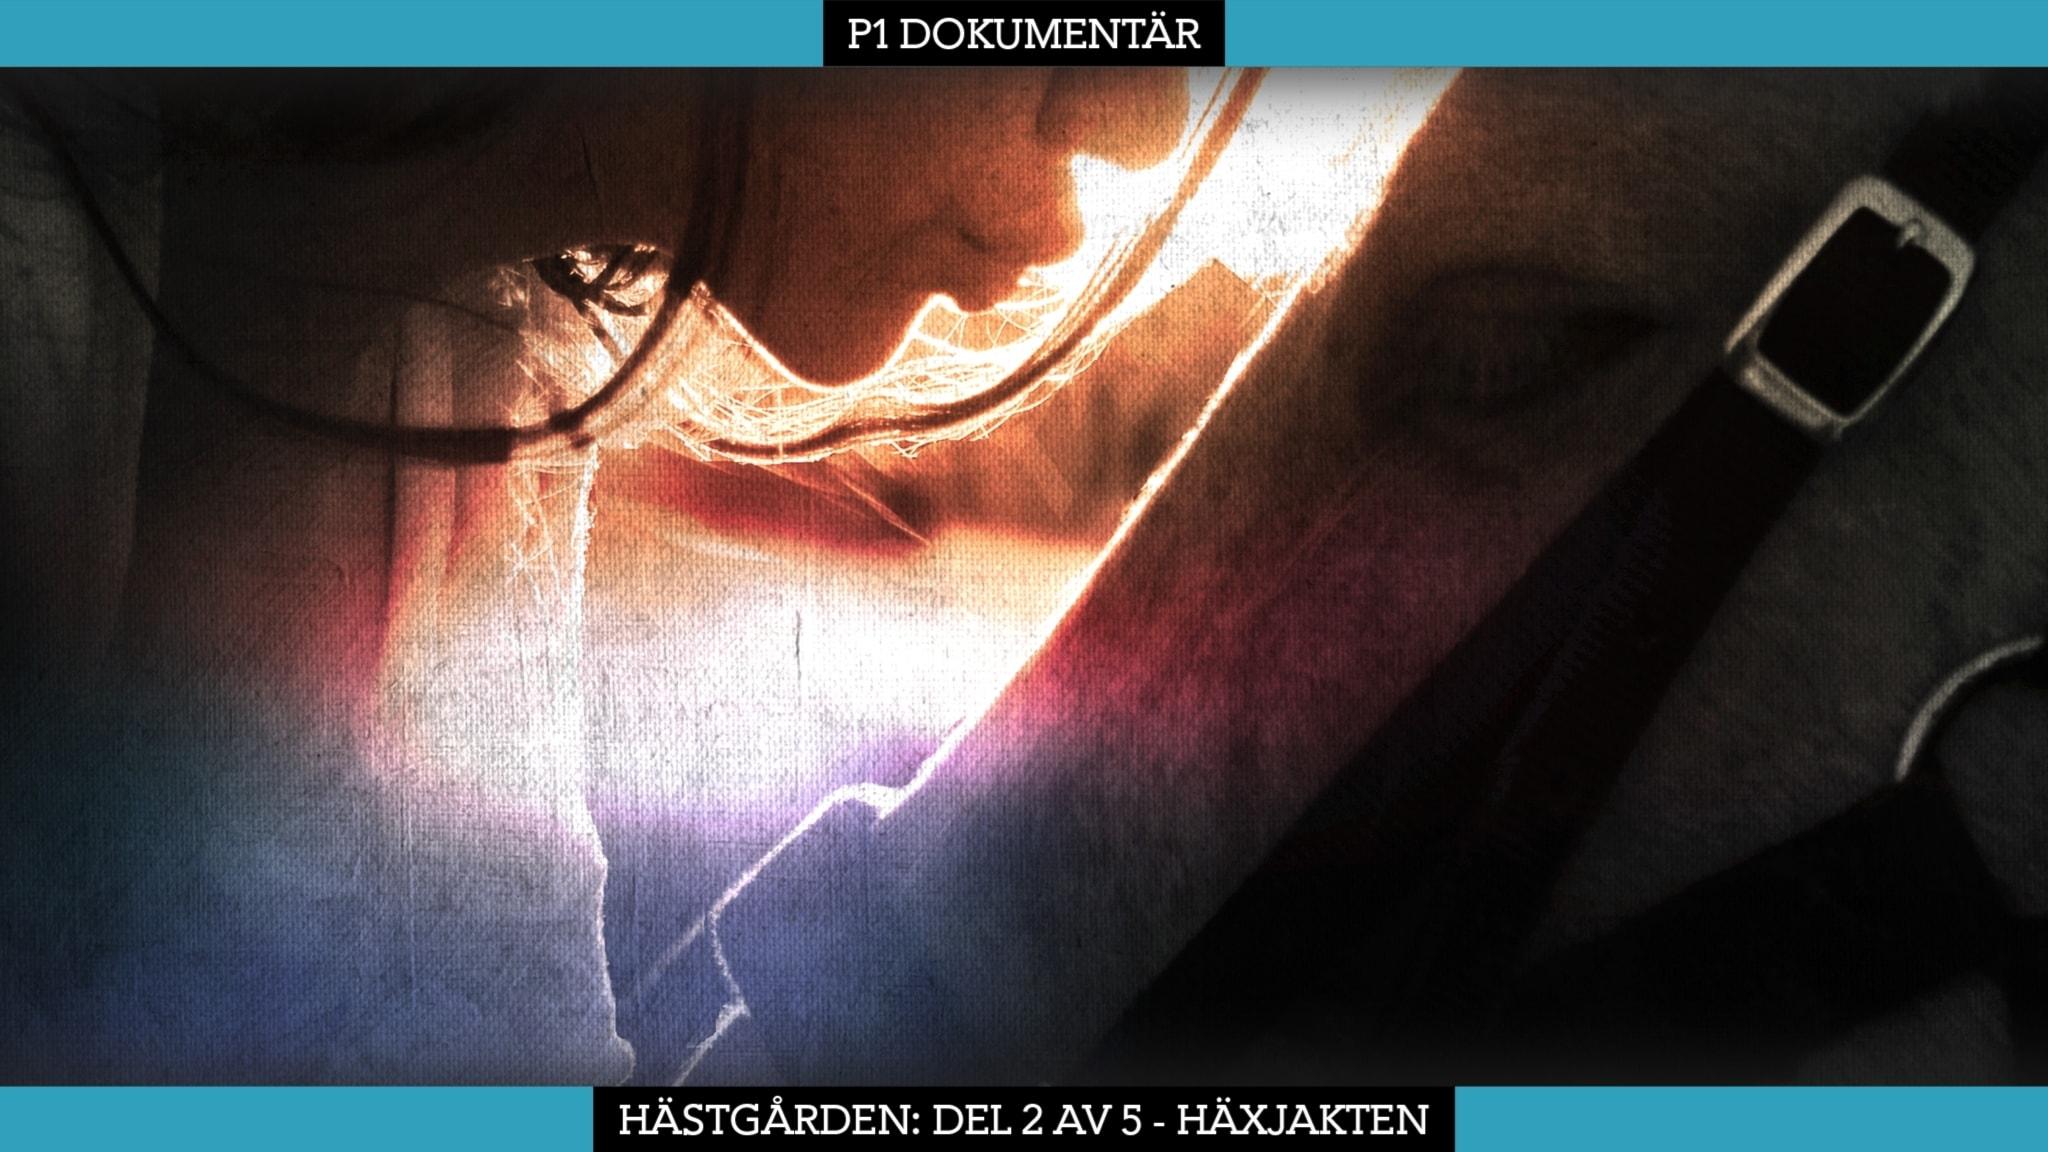 Del 2/5. Hästgården – Häxjakten (R)